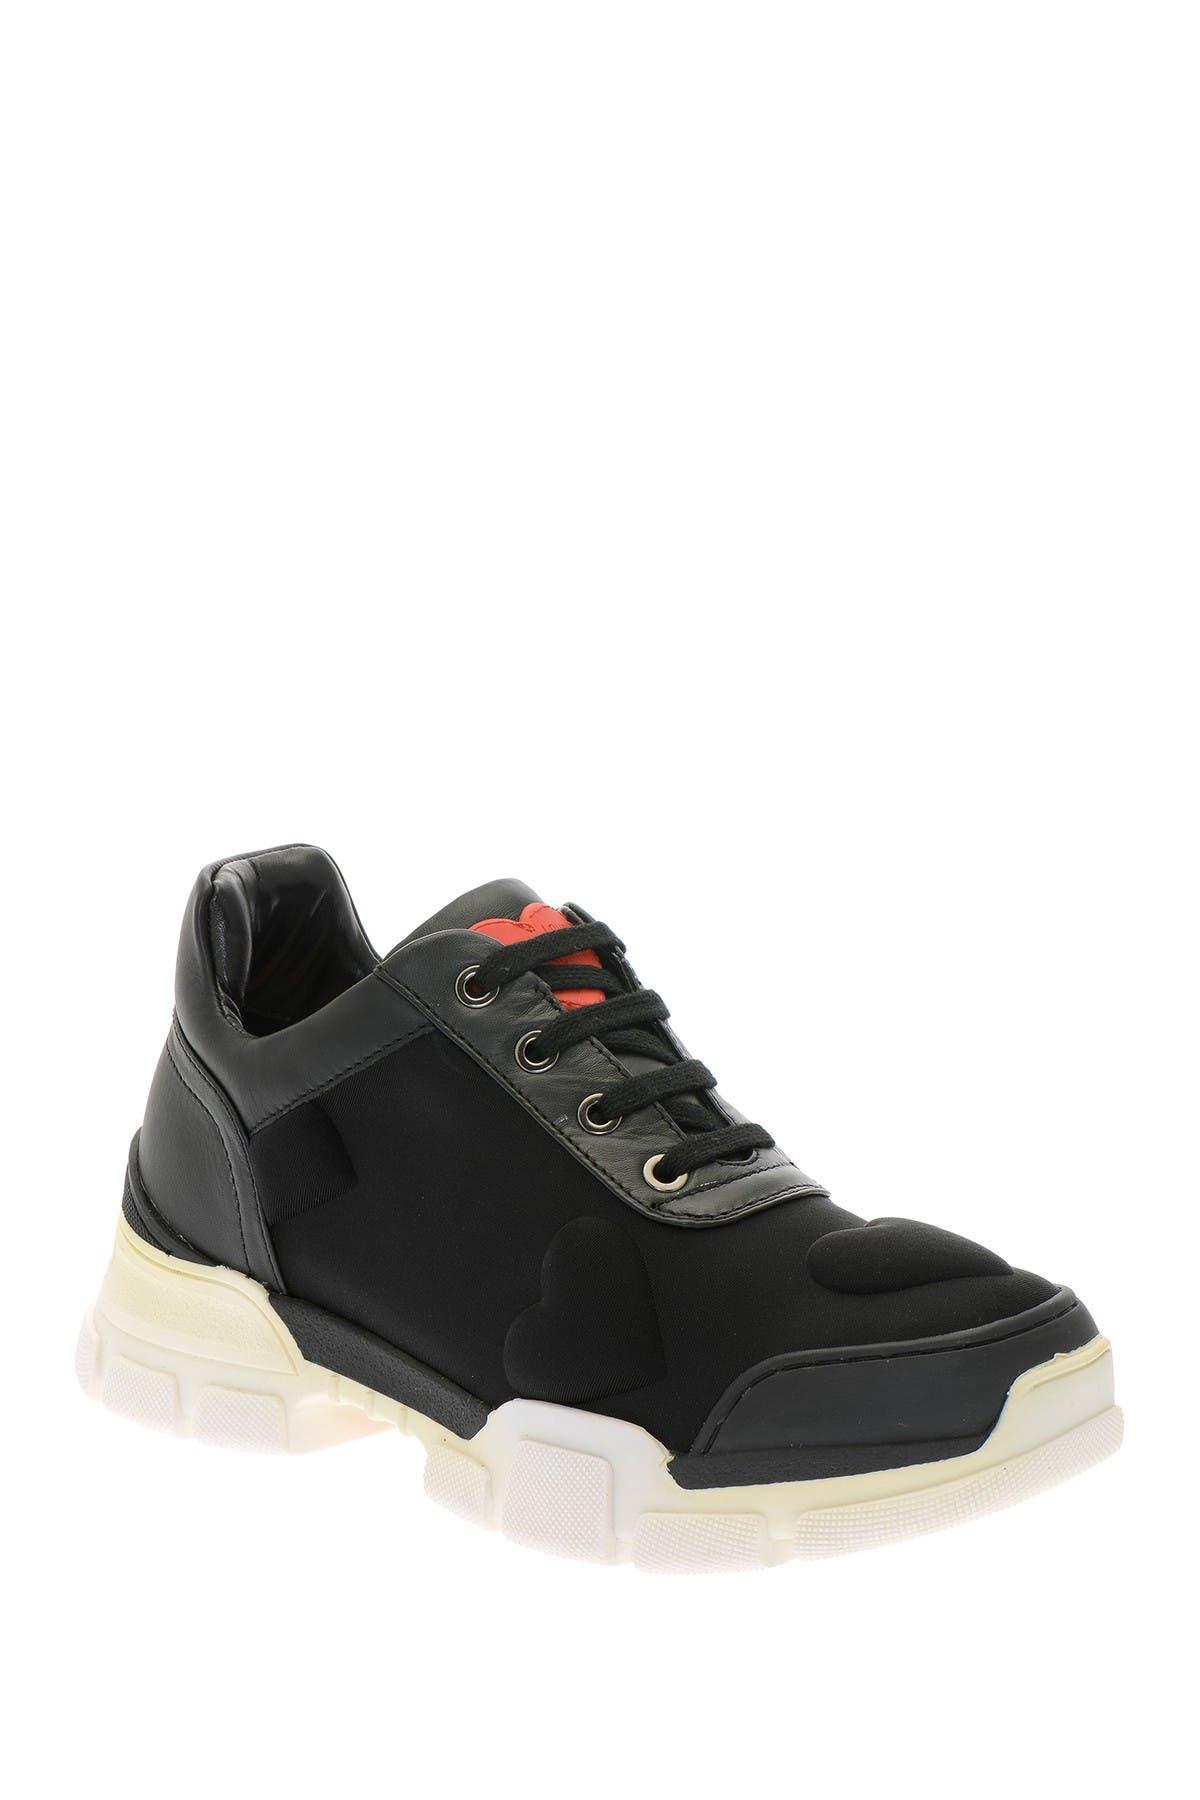 Image of LOVE Moschino Sleek Heart Embossed Outdoor Sneaker